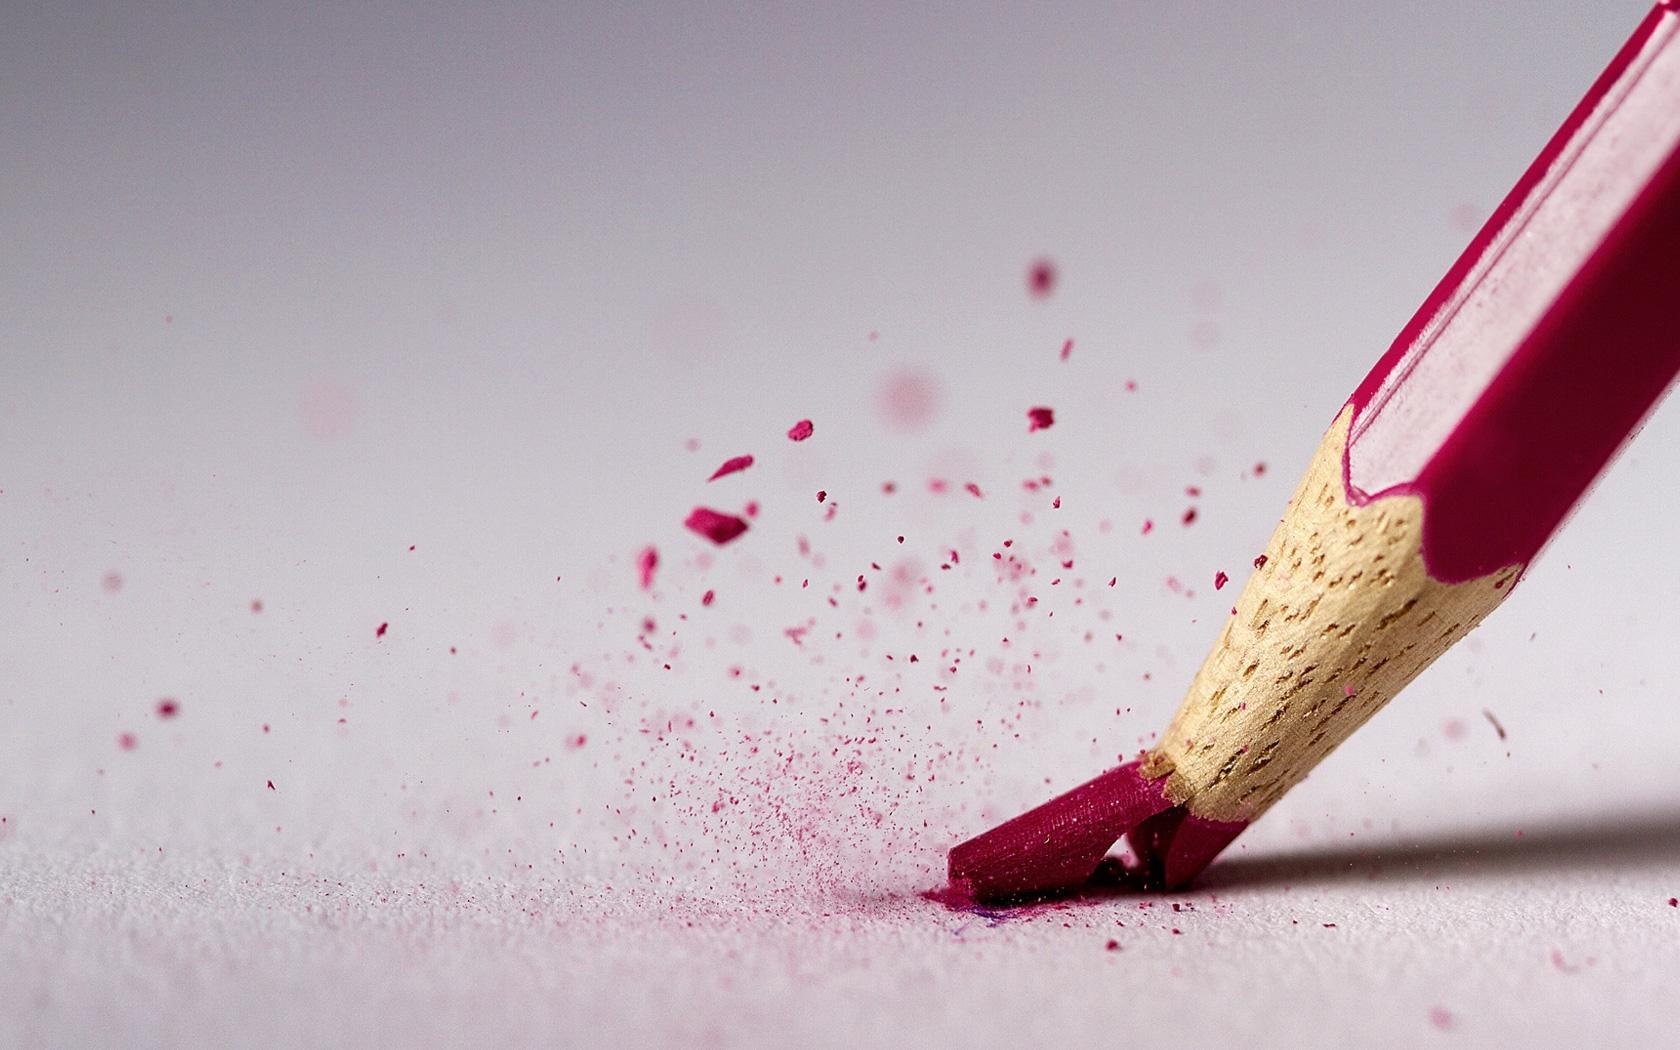 ws_Broken_Pencil_1680x1050